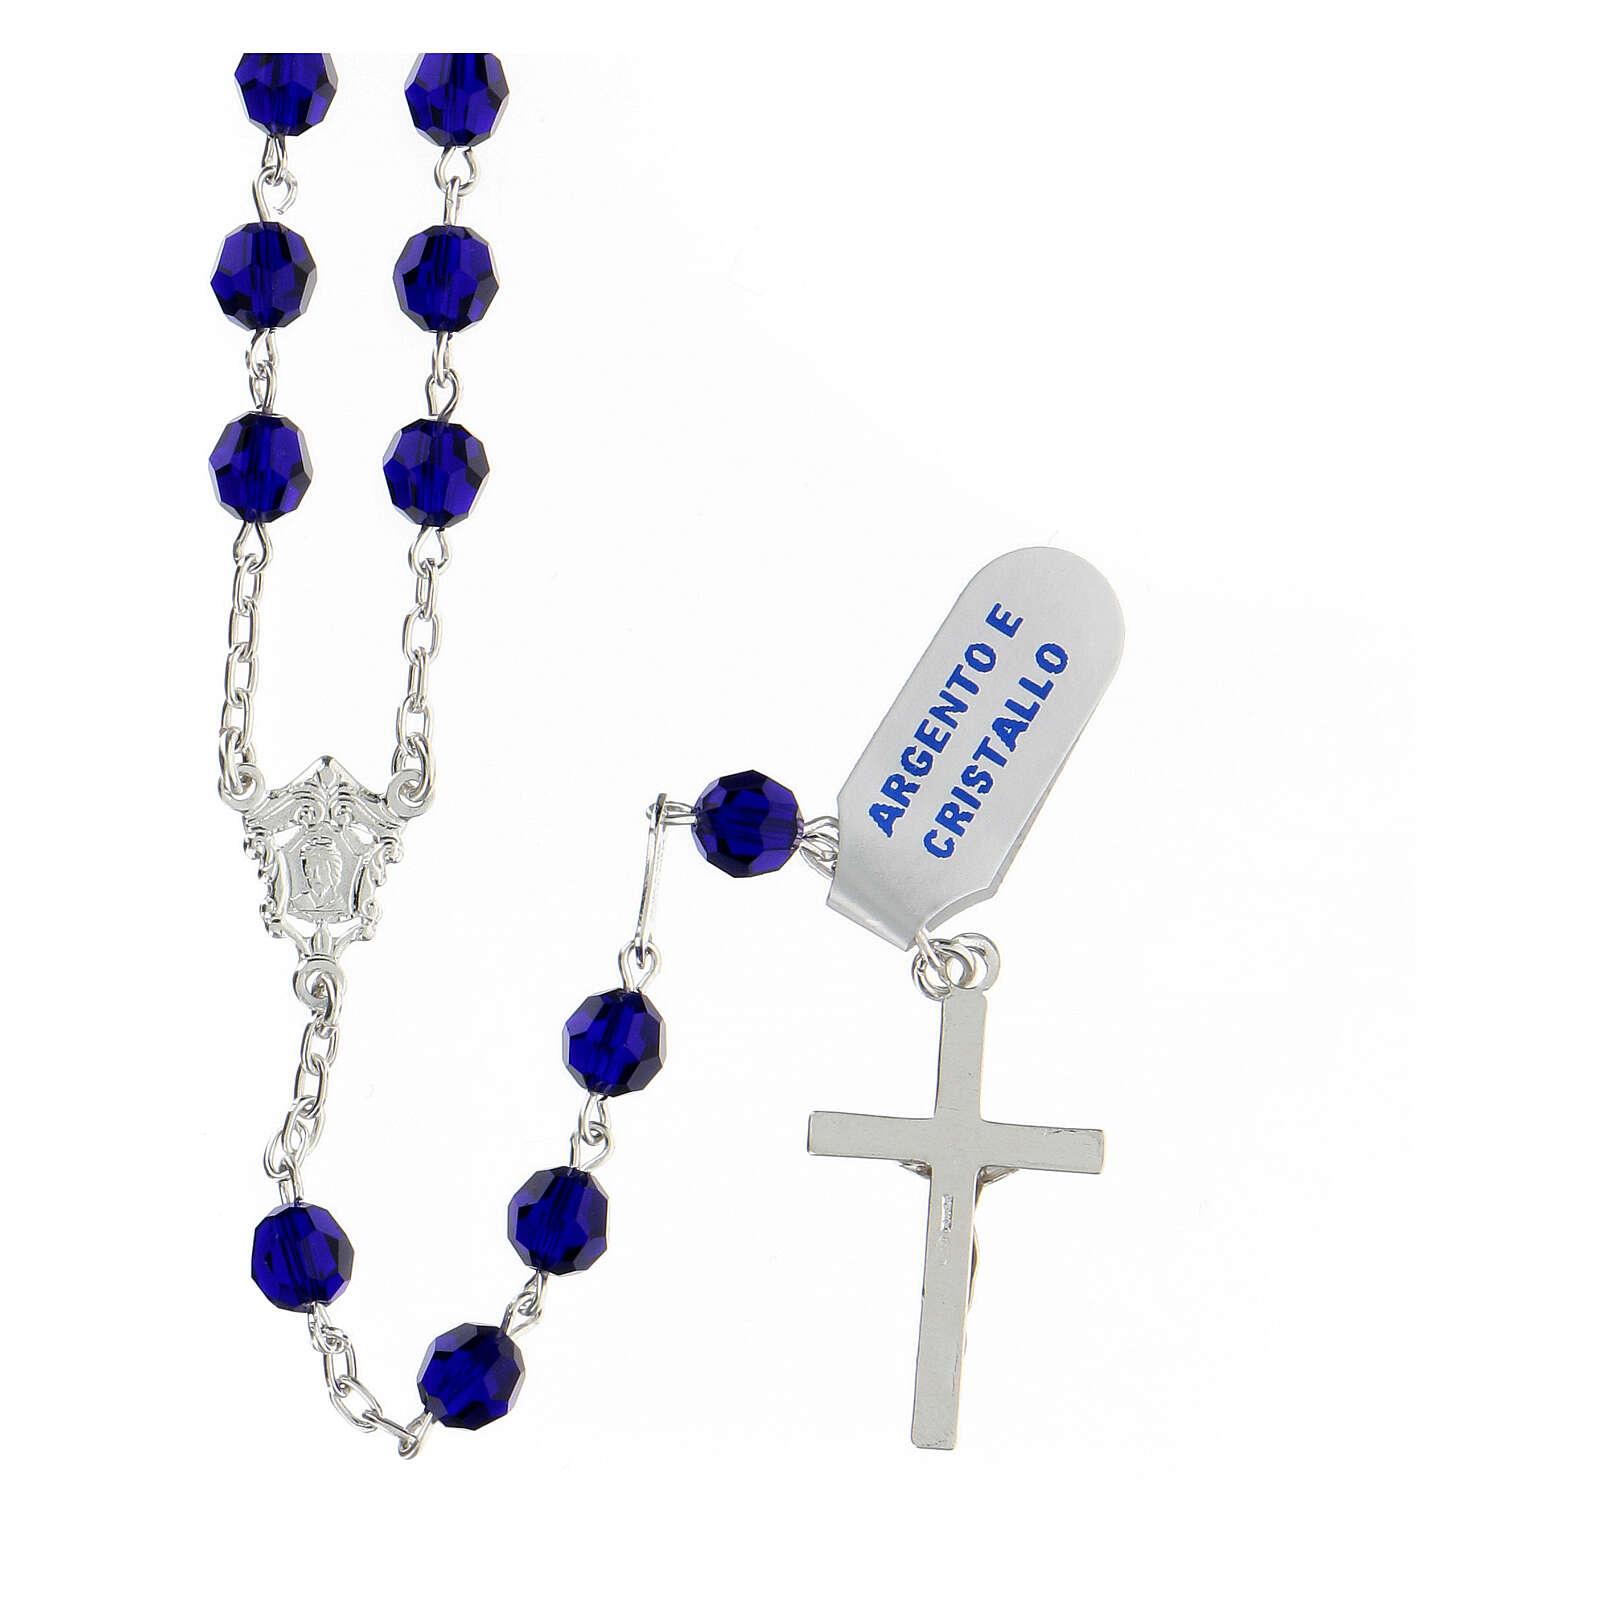 Rosario granos cristal tallado azul 6 mm plata 925 4